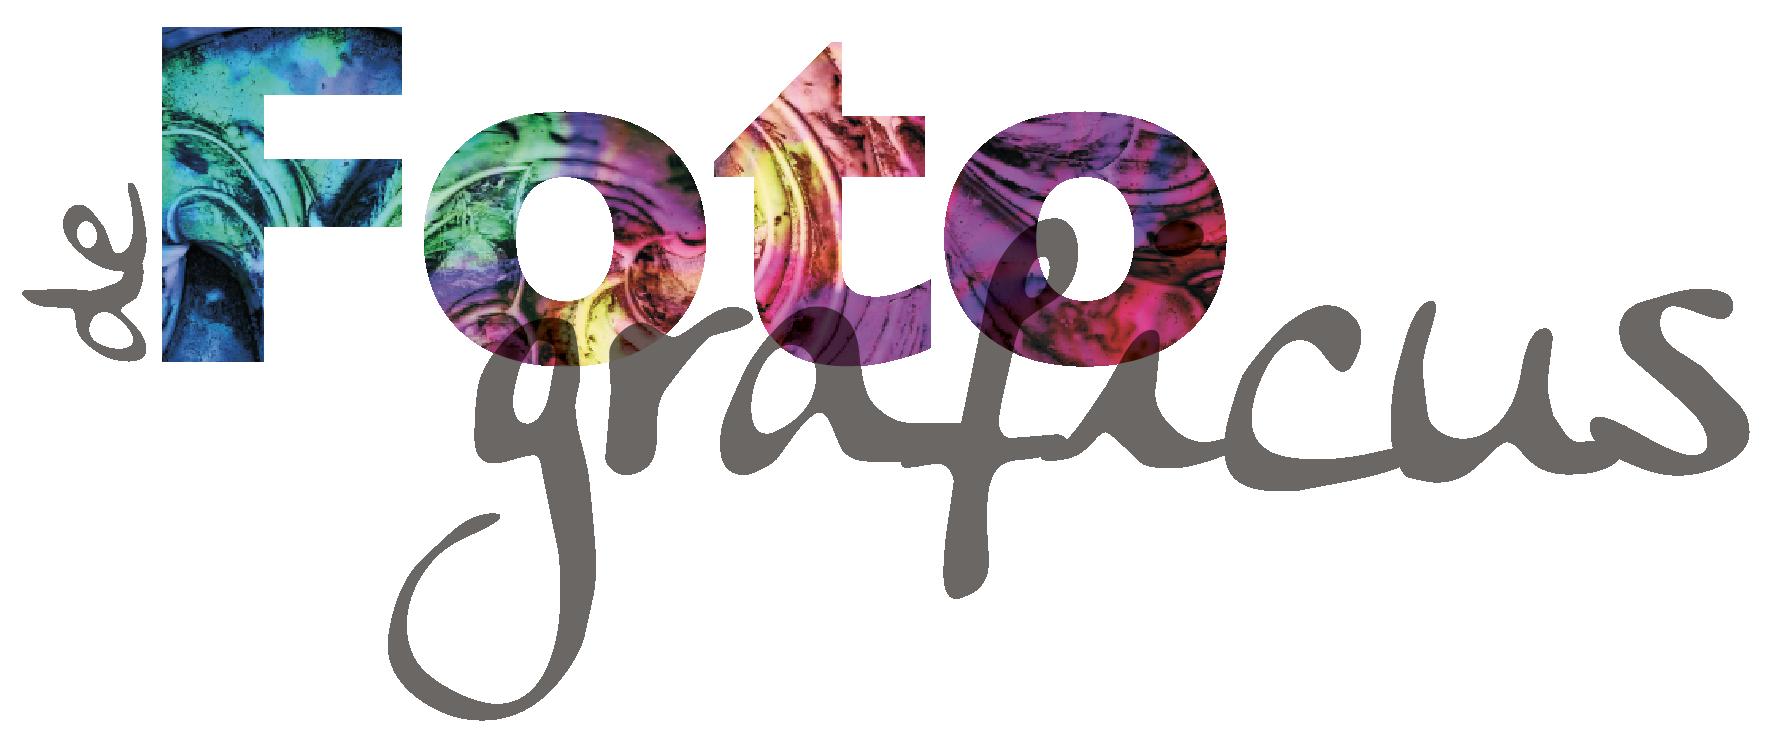 De Fotograficus logo